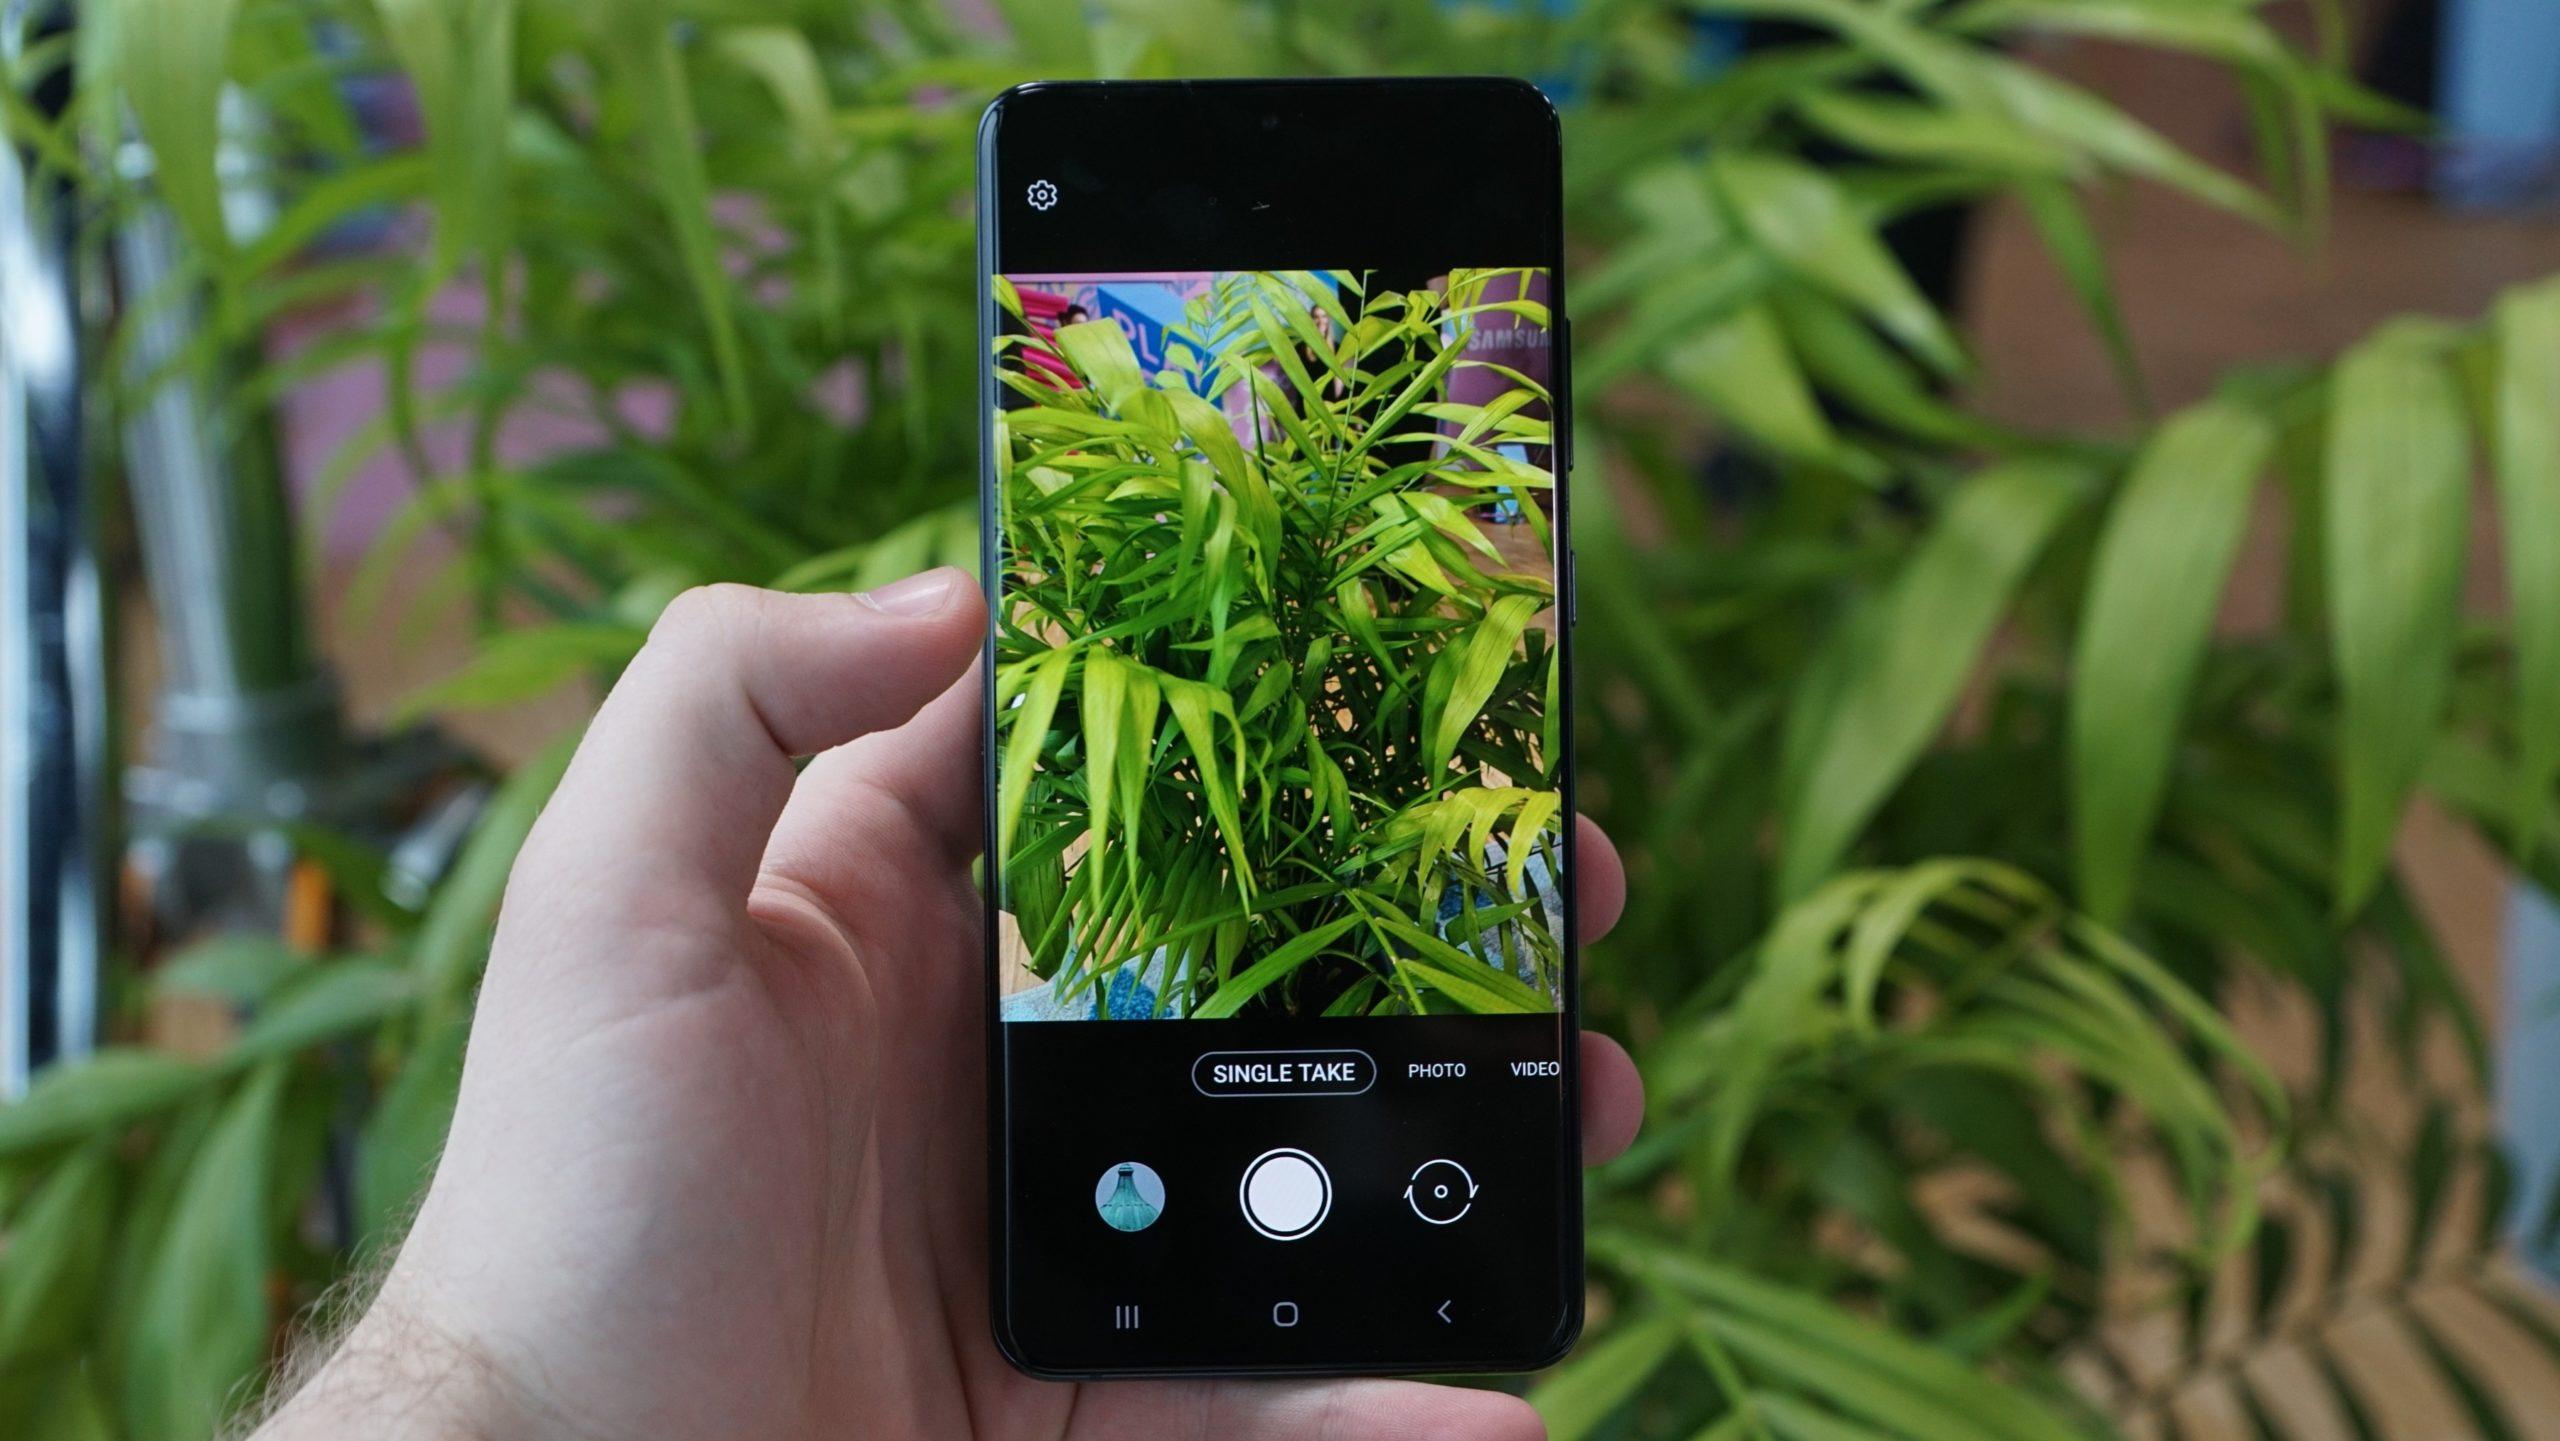 Obrázek: Samsung míří s řadou telefonů Galaxy S20 na špici: Láká na skvělý 108 Mpx fotoaparát i elegantní model pro ženy